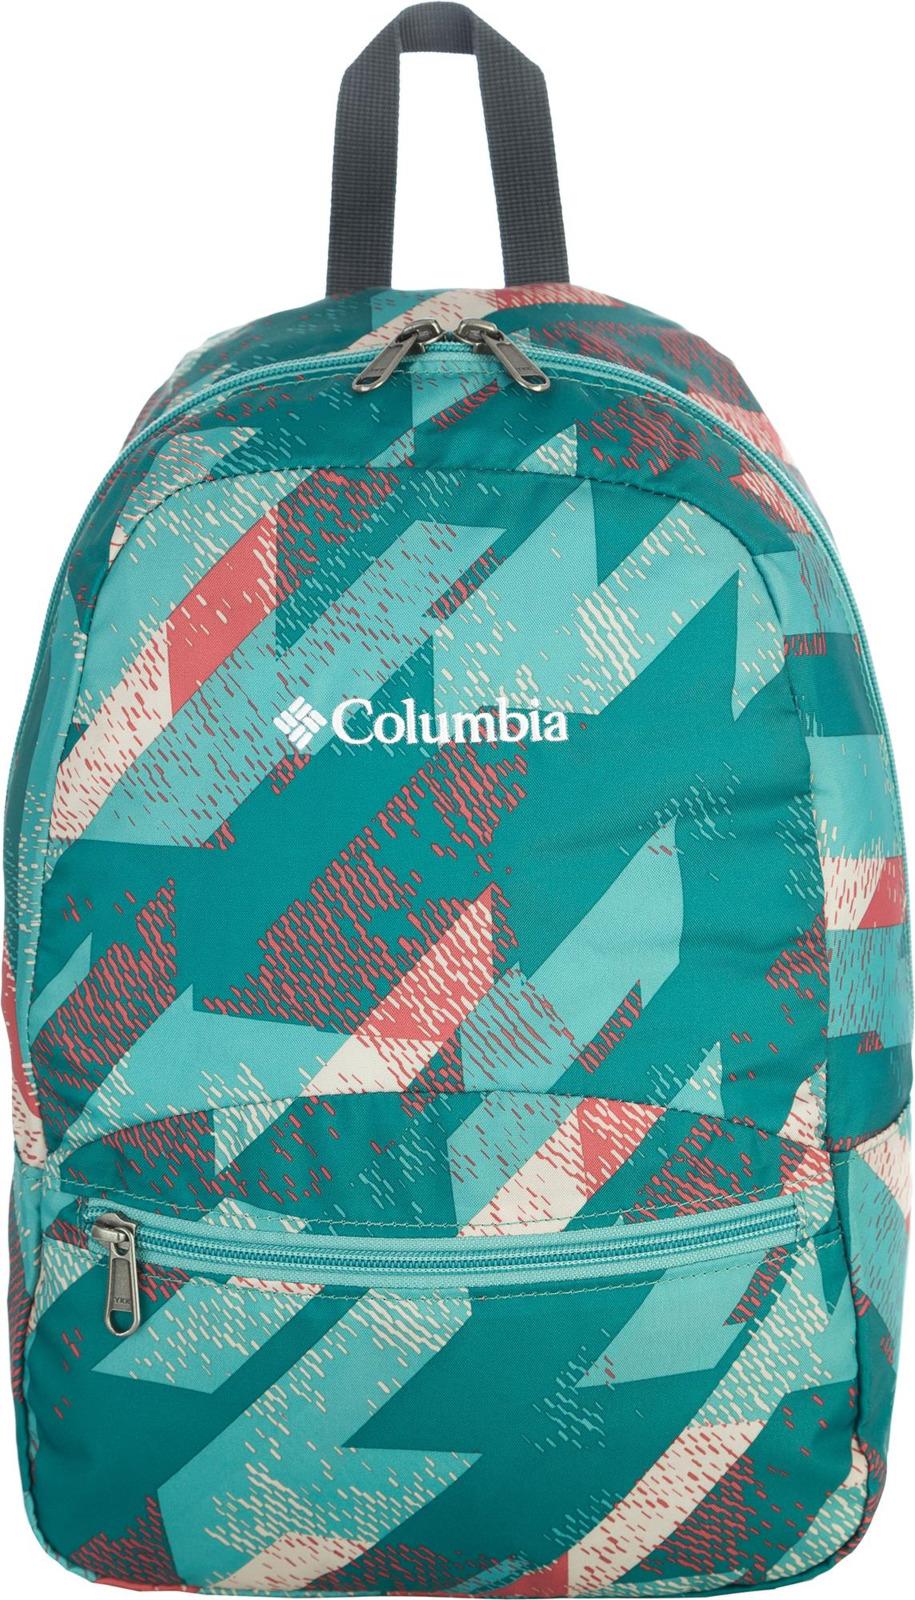 цена на Рюкзак Columbia Venya Tour Ii Daypack, 1827261-344, зеленый